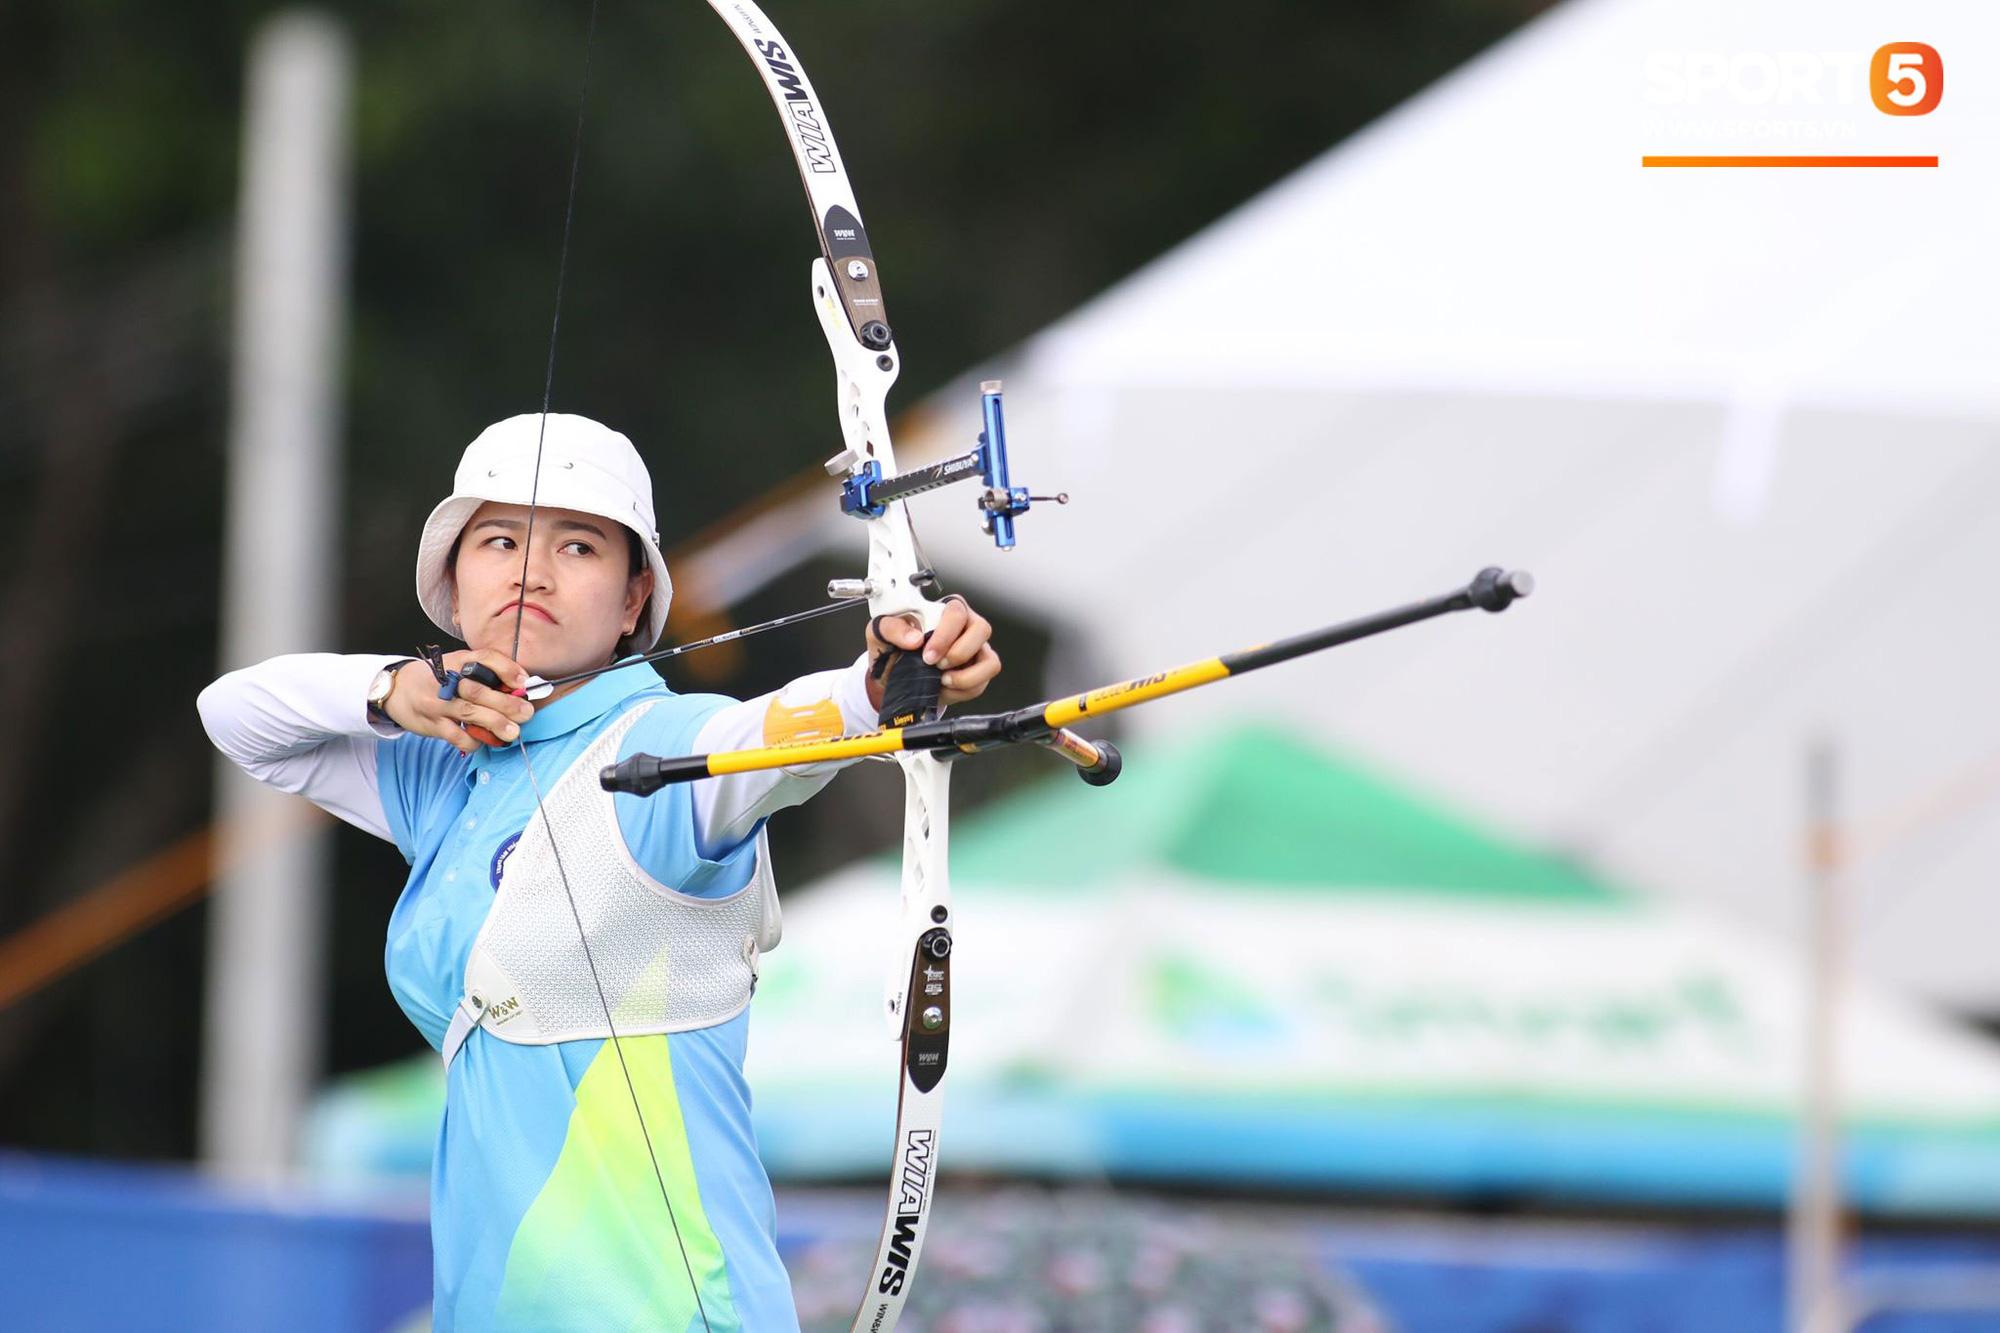 SEA Games ngày 8/12: Nữ hoàng điền kinh Tú Chinh vượt 2 VĐV nhập tịch trong tích tắc, xuất sắc giành HCV chung cuộc - Ảnh 47.